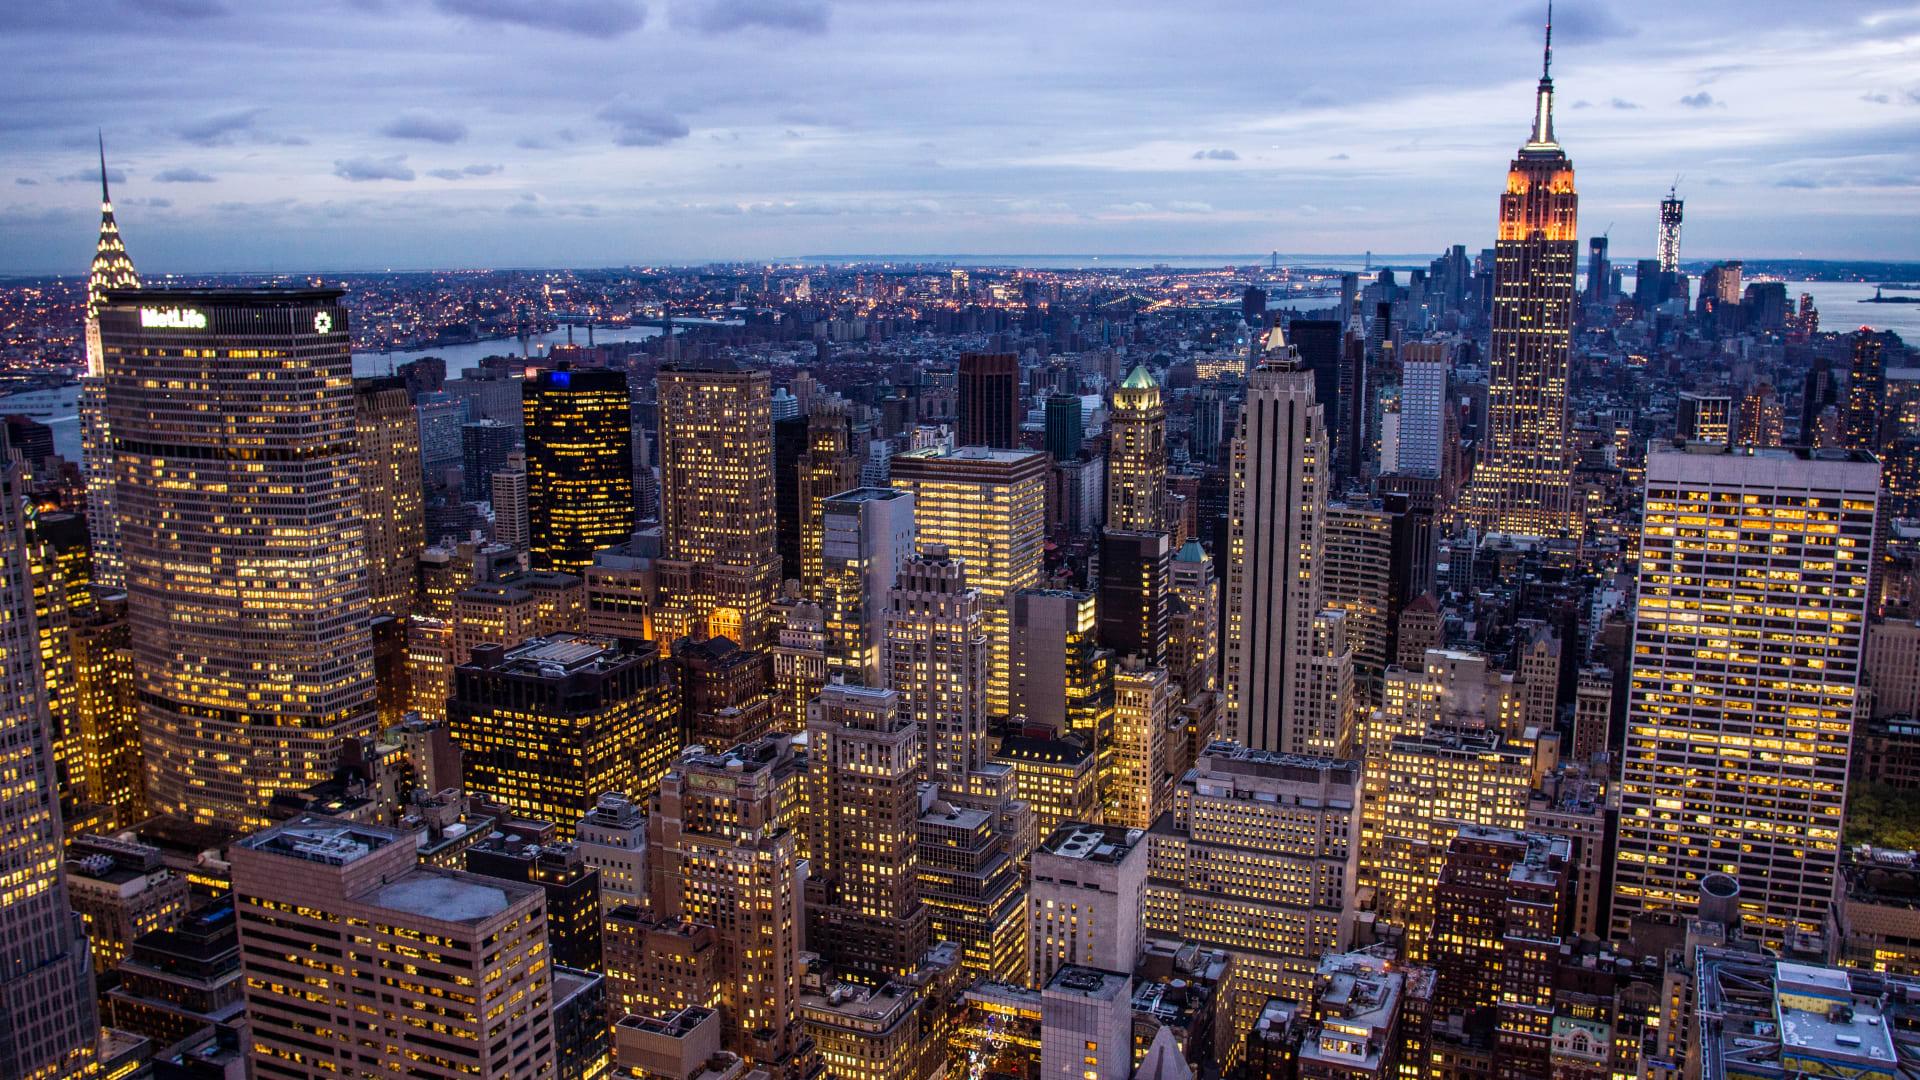 نيويورك، الولايات الأمريكية المتحدة